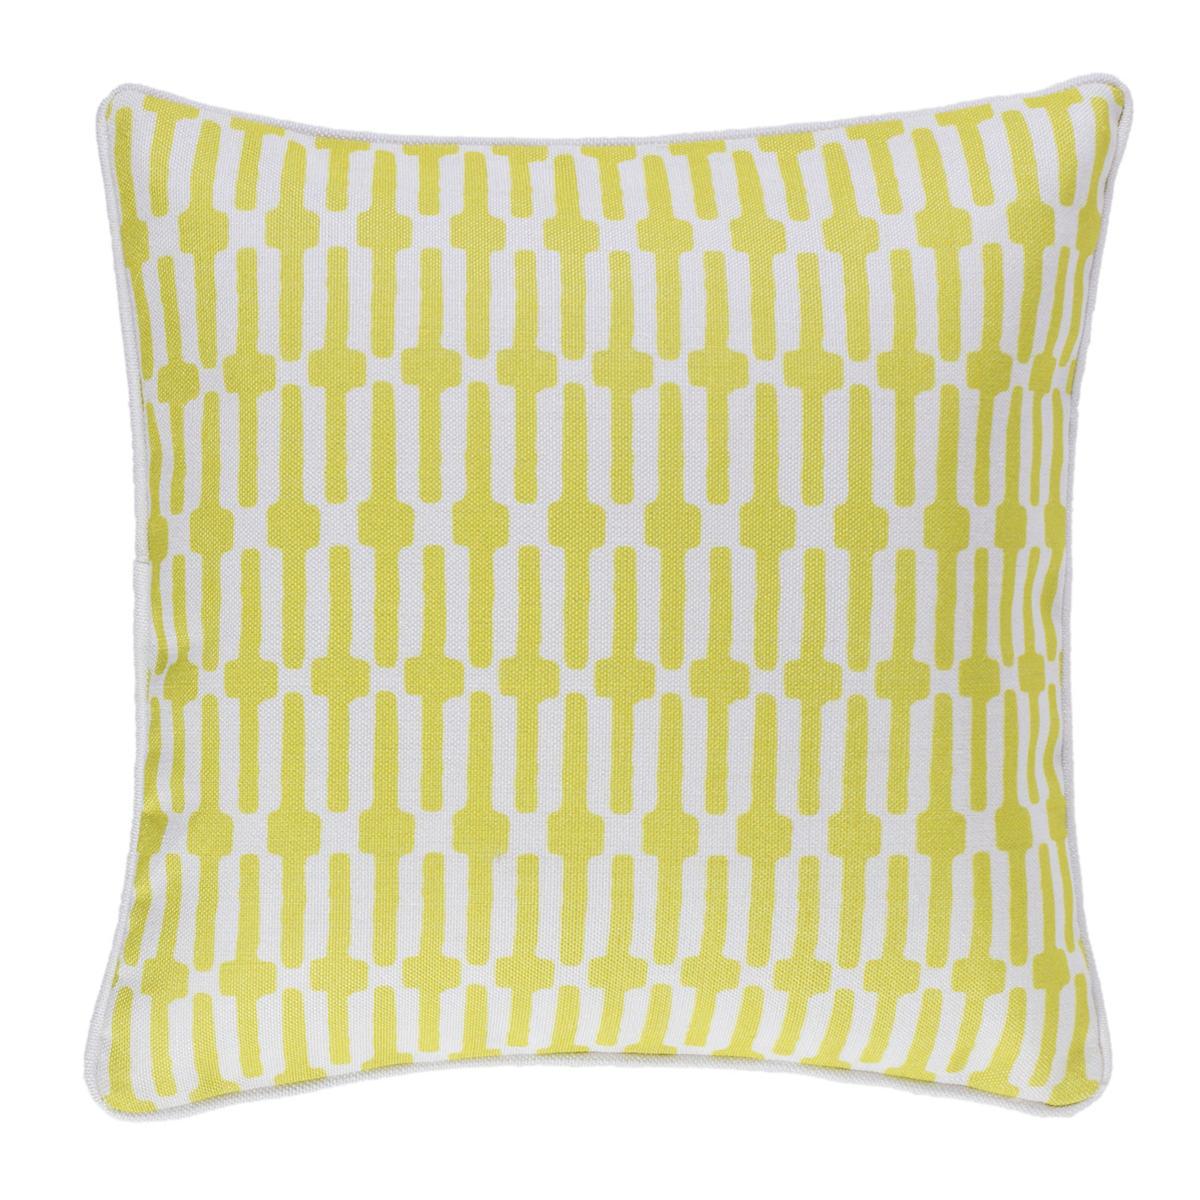 Links Chartreuse Indoor/Outdoor Decorative Pillow